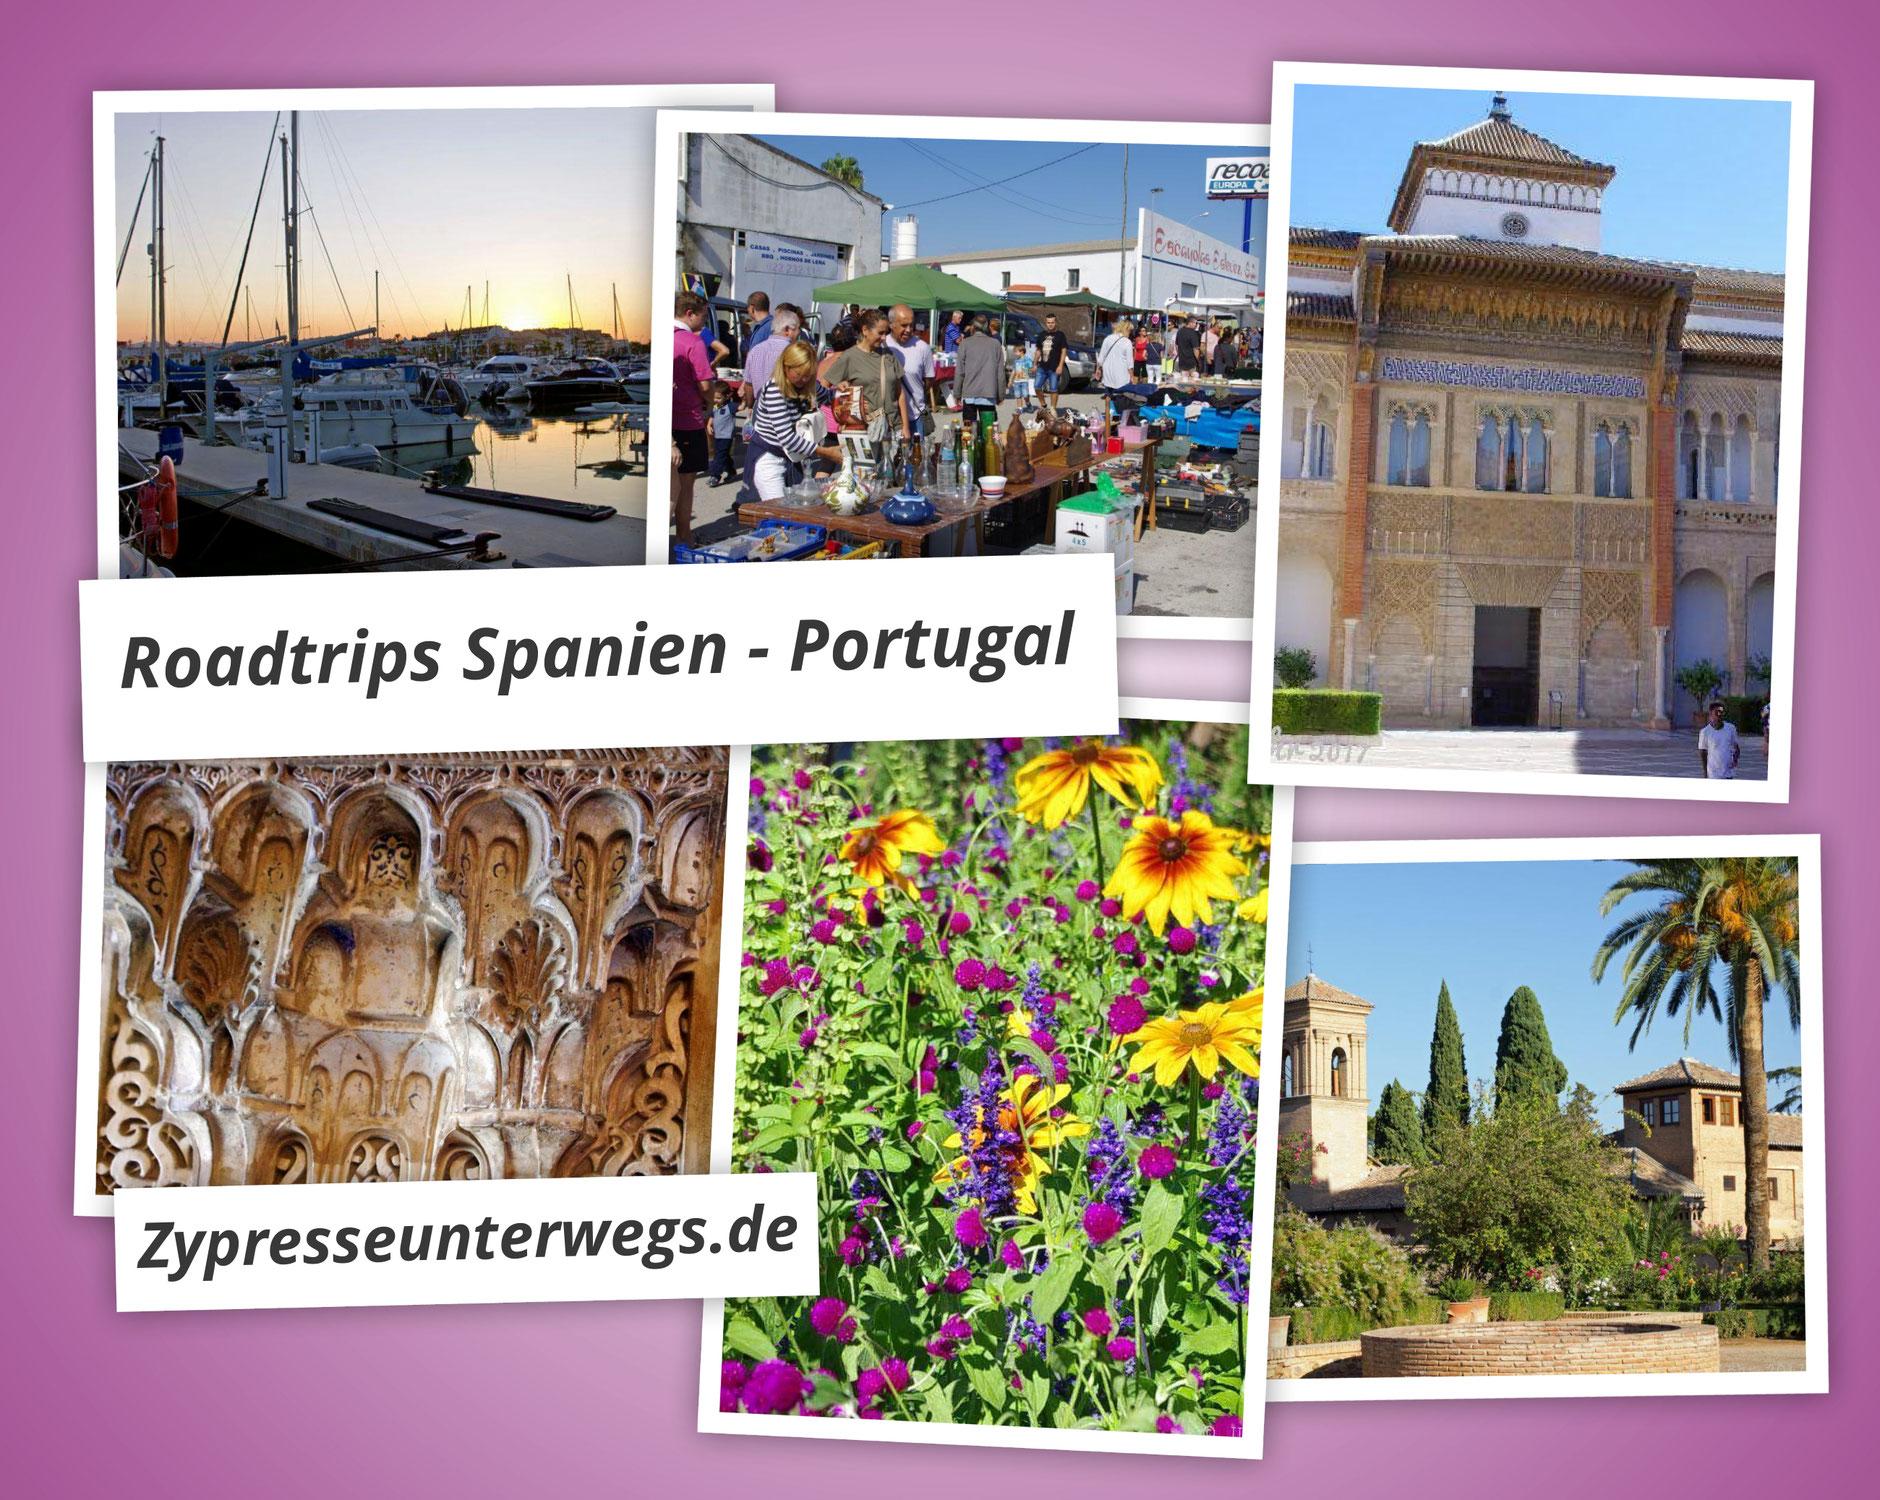 {ROUND UP} 8 Roadtrips in Spanien und Portugal